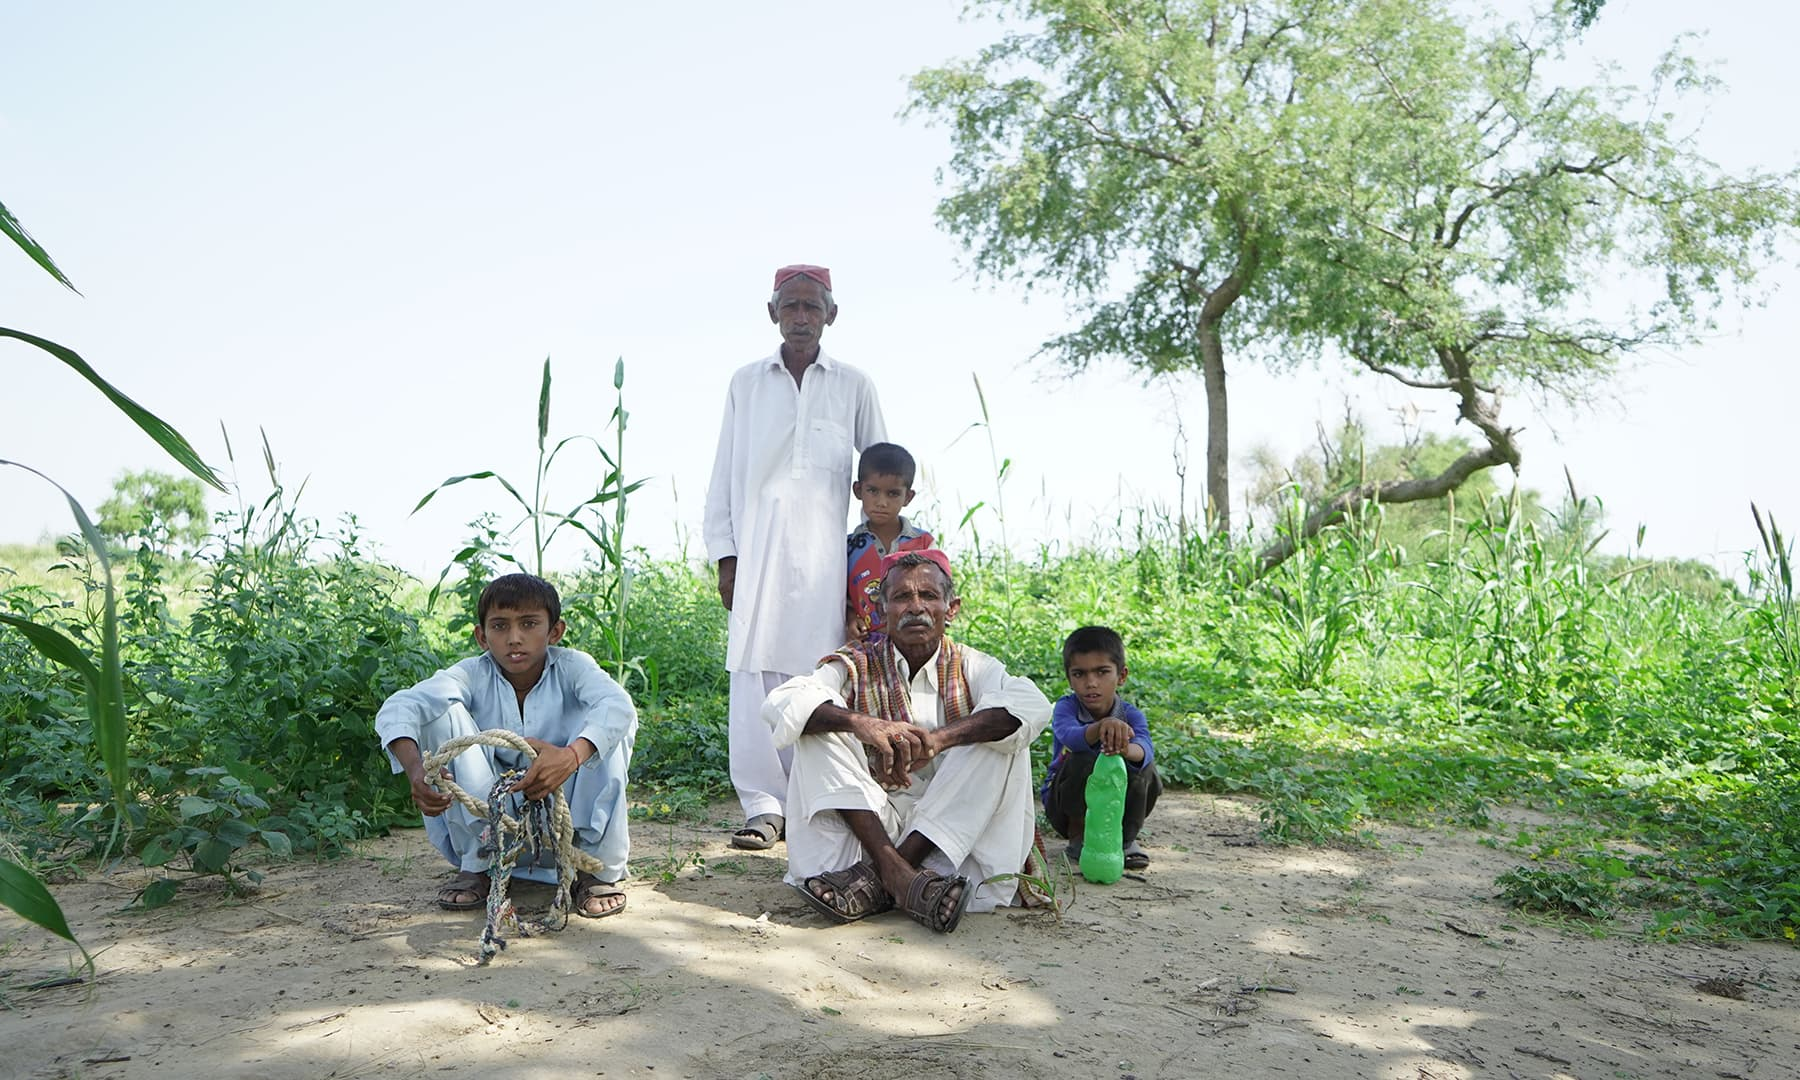 گردھاری ہر روز صبح سویرے اپنے کھیت جاتے ہیں۔ خواتین اور بچوں سمیت درجن کے قریب خاندان کے دیگر افراد بھی ان کے ساتھ ہوتے ہیں۔